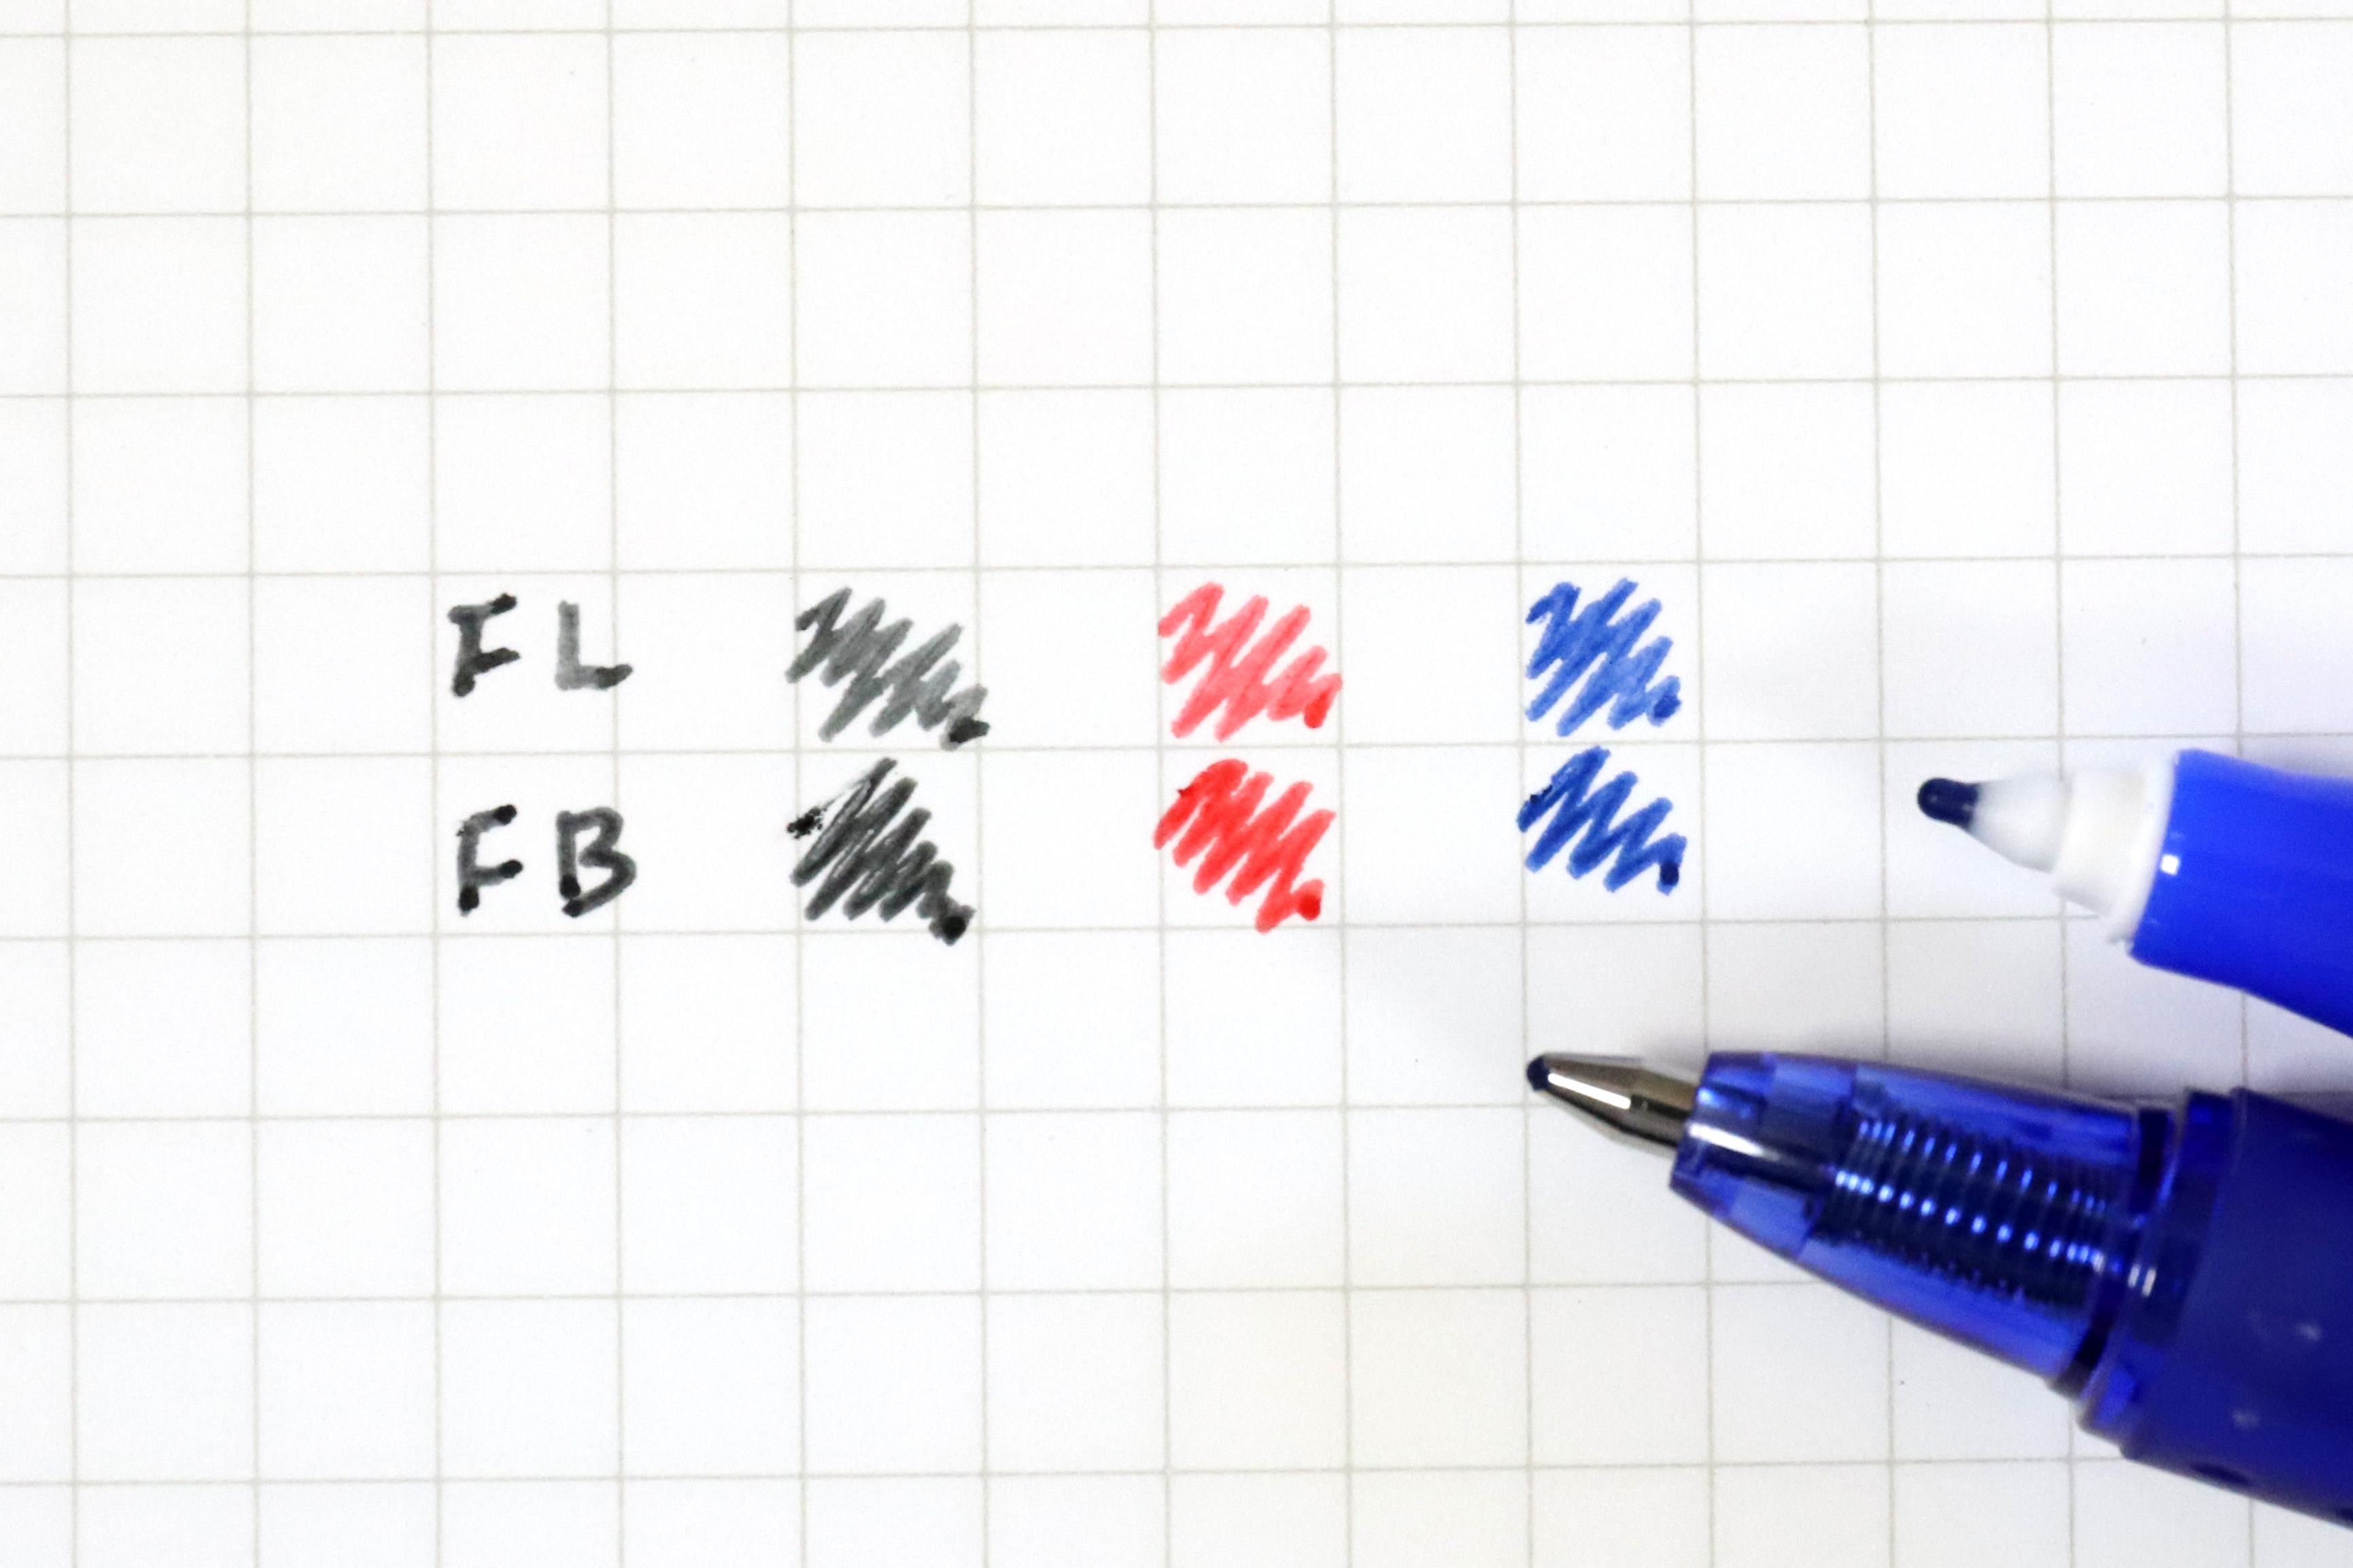 ↑ファインライナー(上段)とフリクションボール1.0(下段)の比較。黒と赤はどうしても薄く感じる